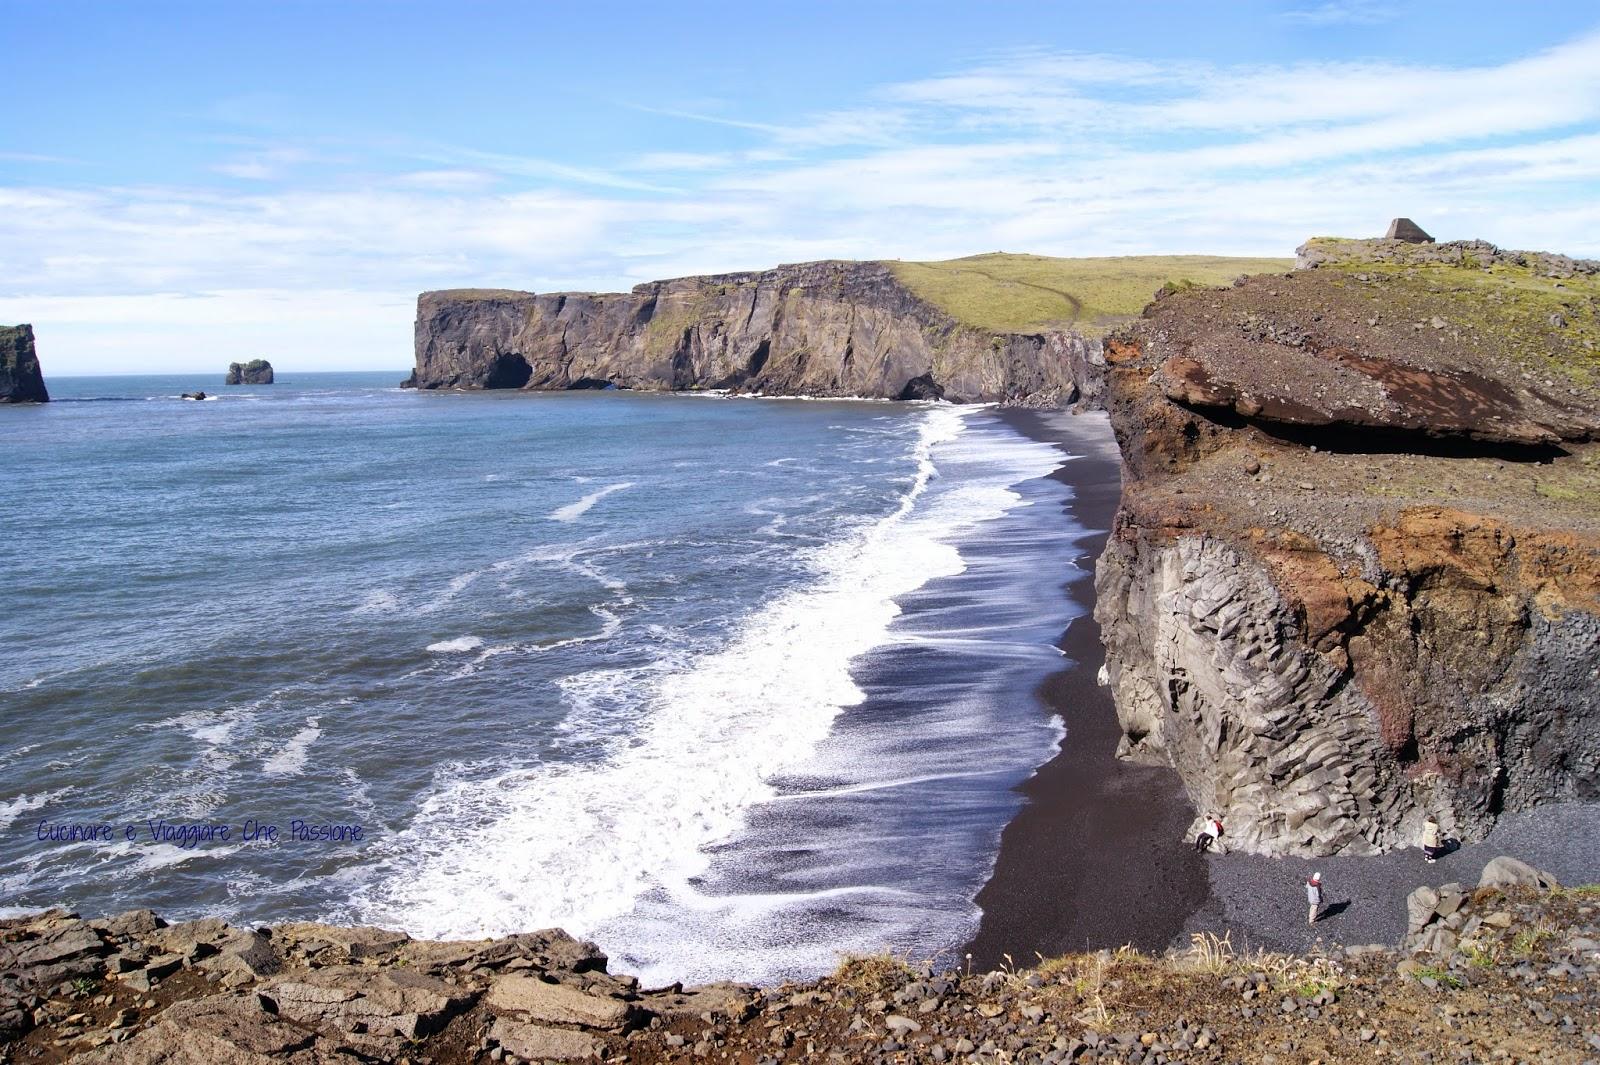 tra promontori a picco sull'oceano atlantico e profondi canyon....il nostro 5° giorno in islanda!